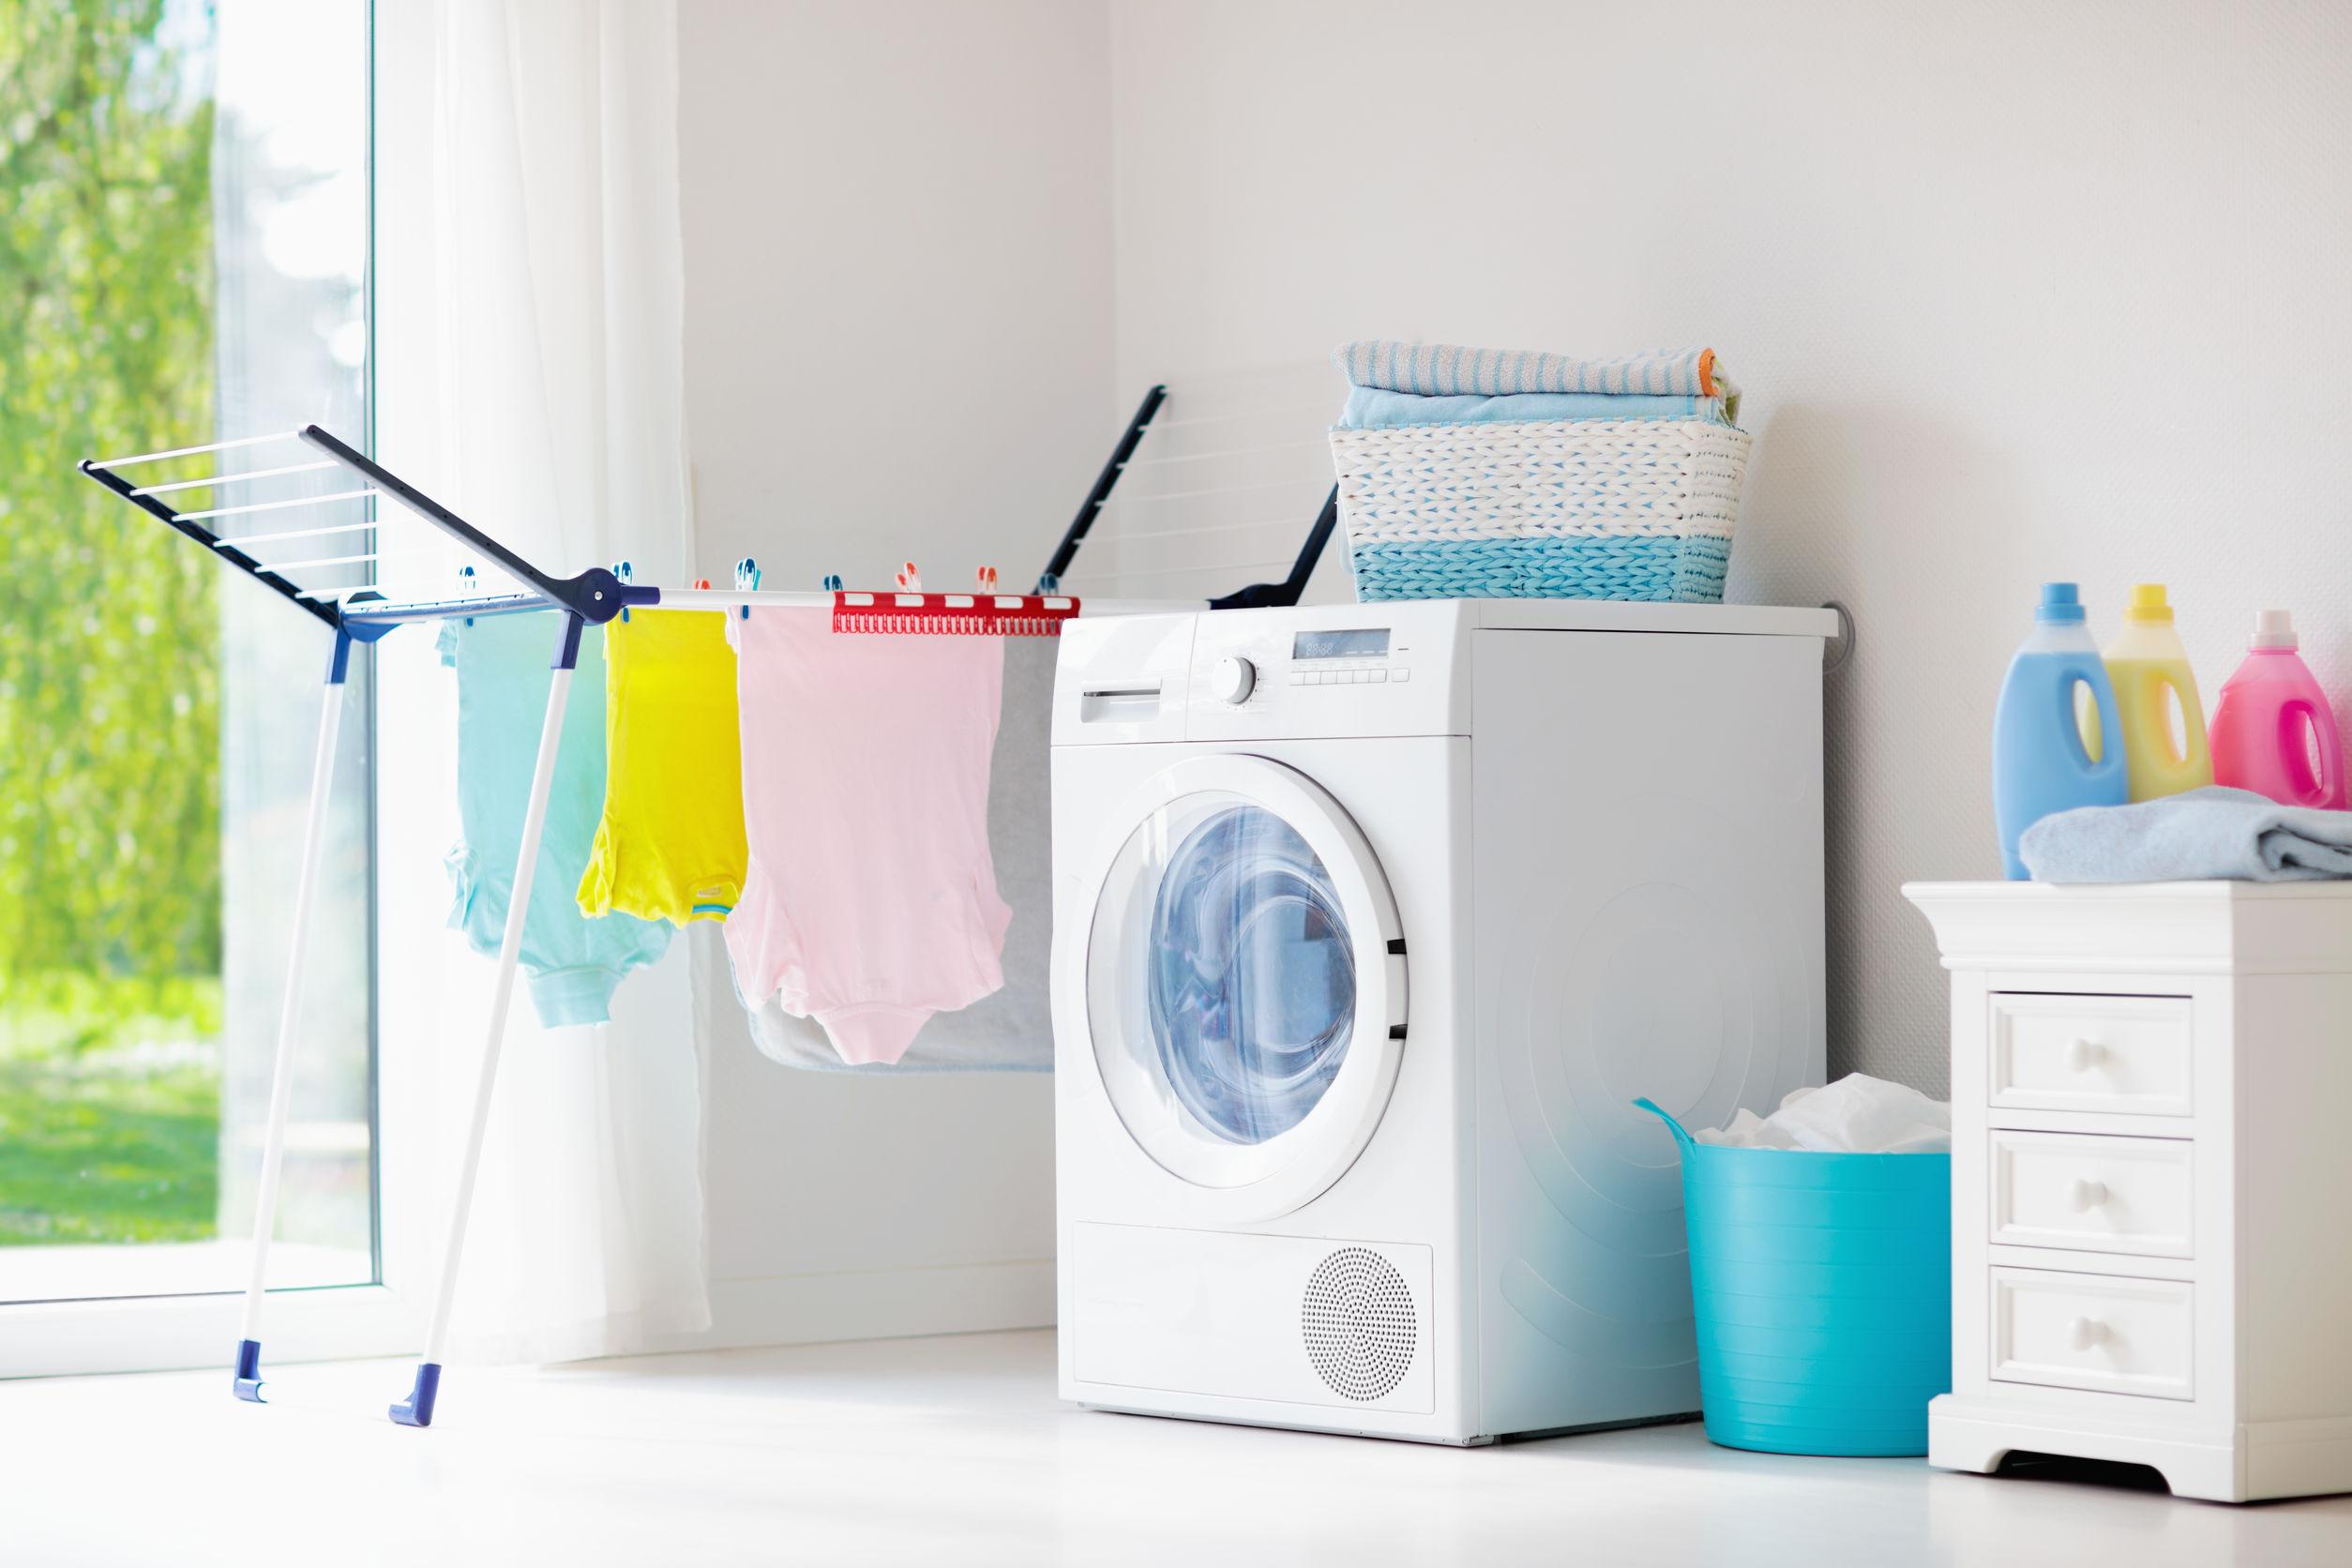 lavadora en laundry room